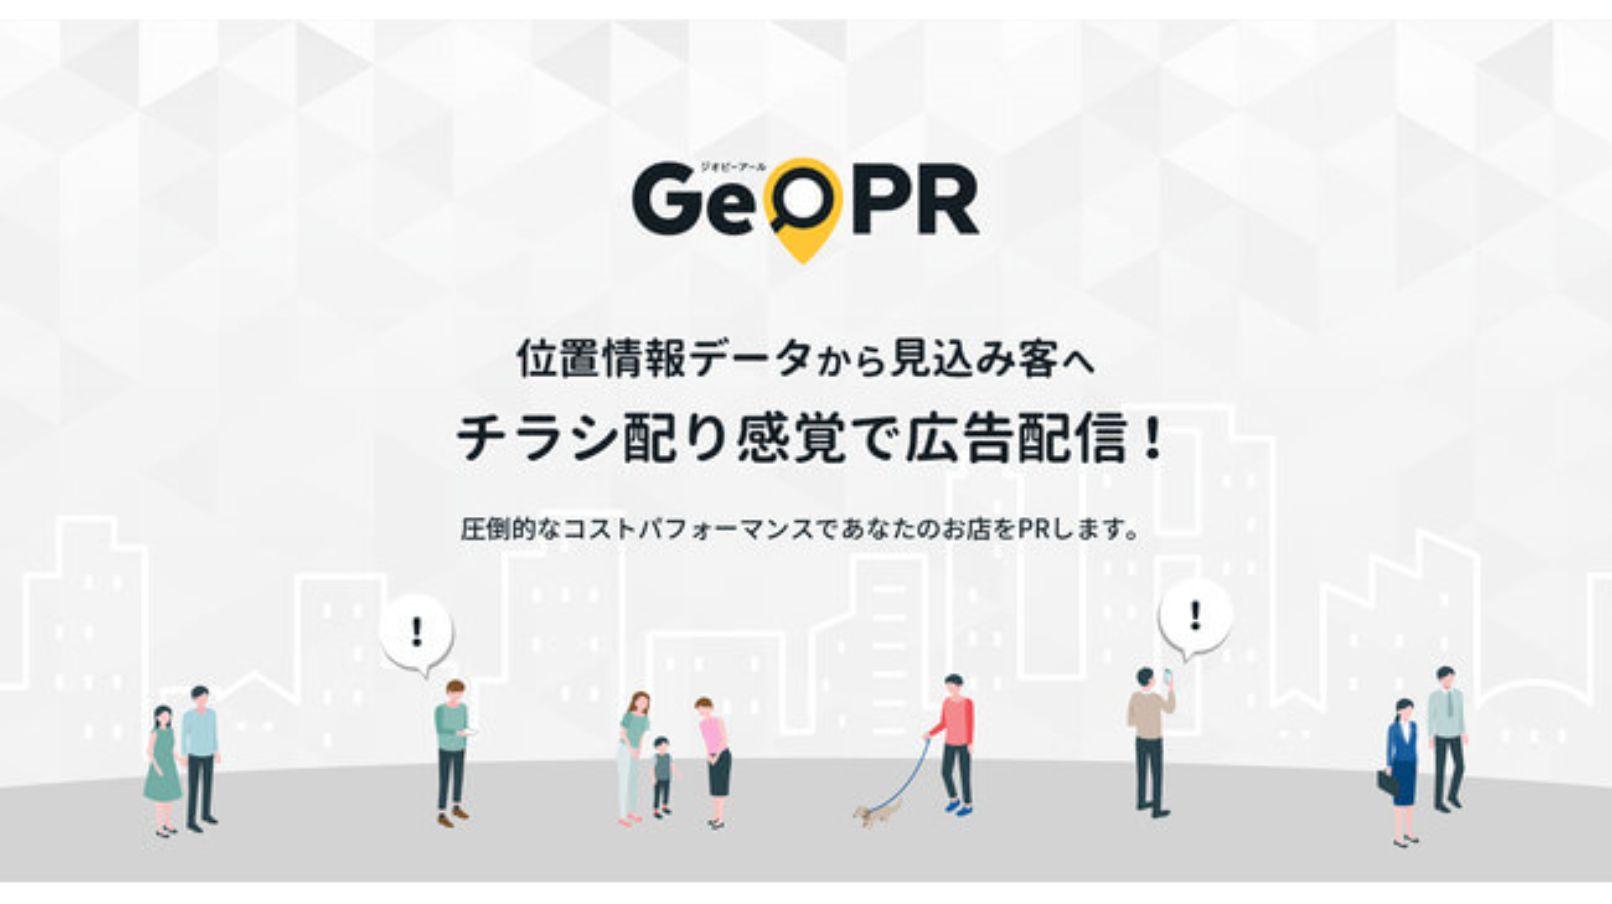 チラシ配り感覚で見込み客に広告配信!「GeoPR」をリリース